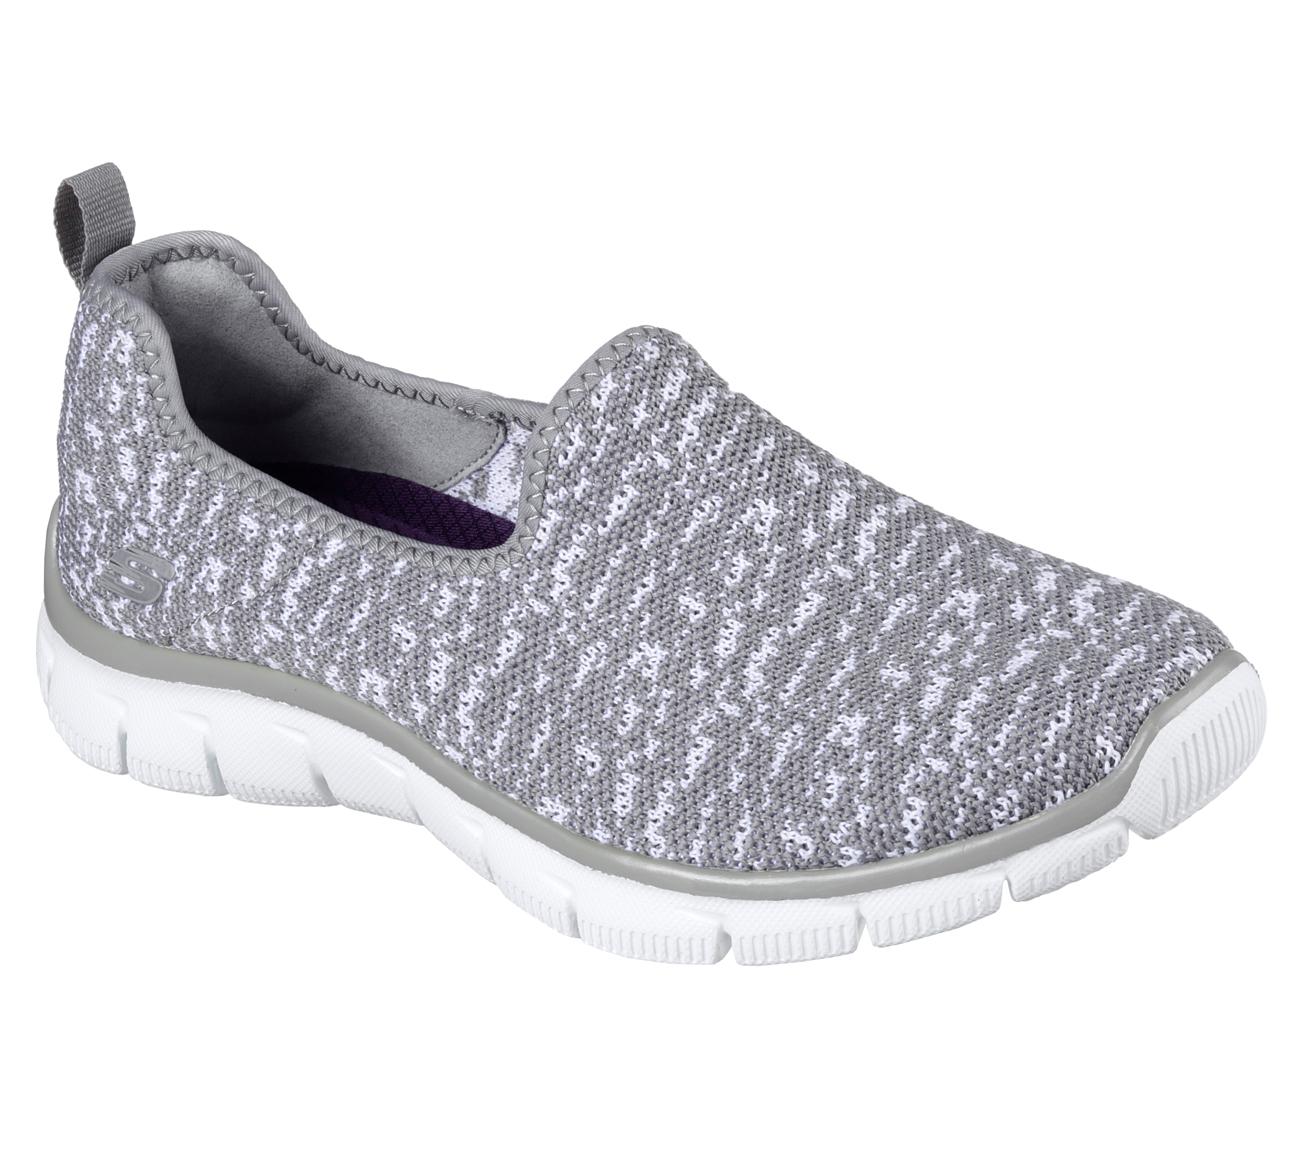 SKECHERS Damen Sneakers Turnschuhe Slipper Loafer cogyE